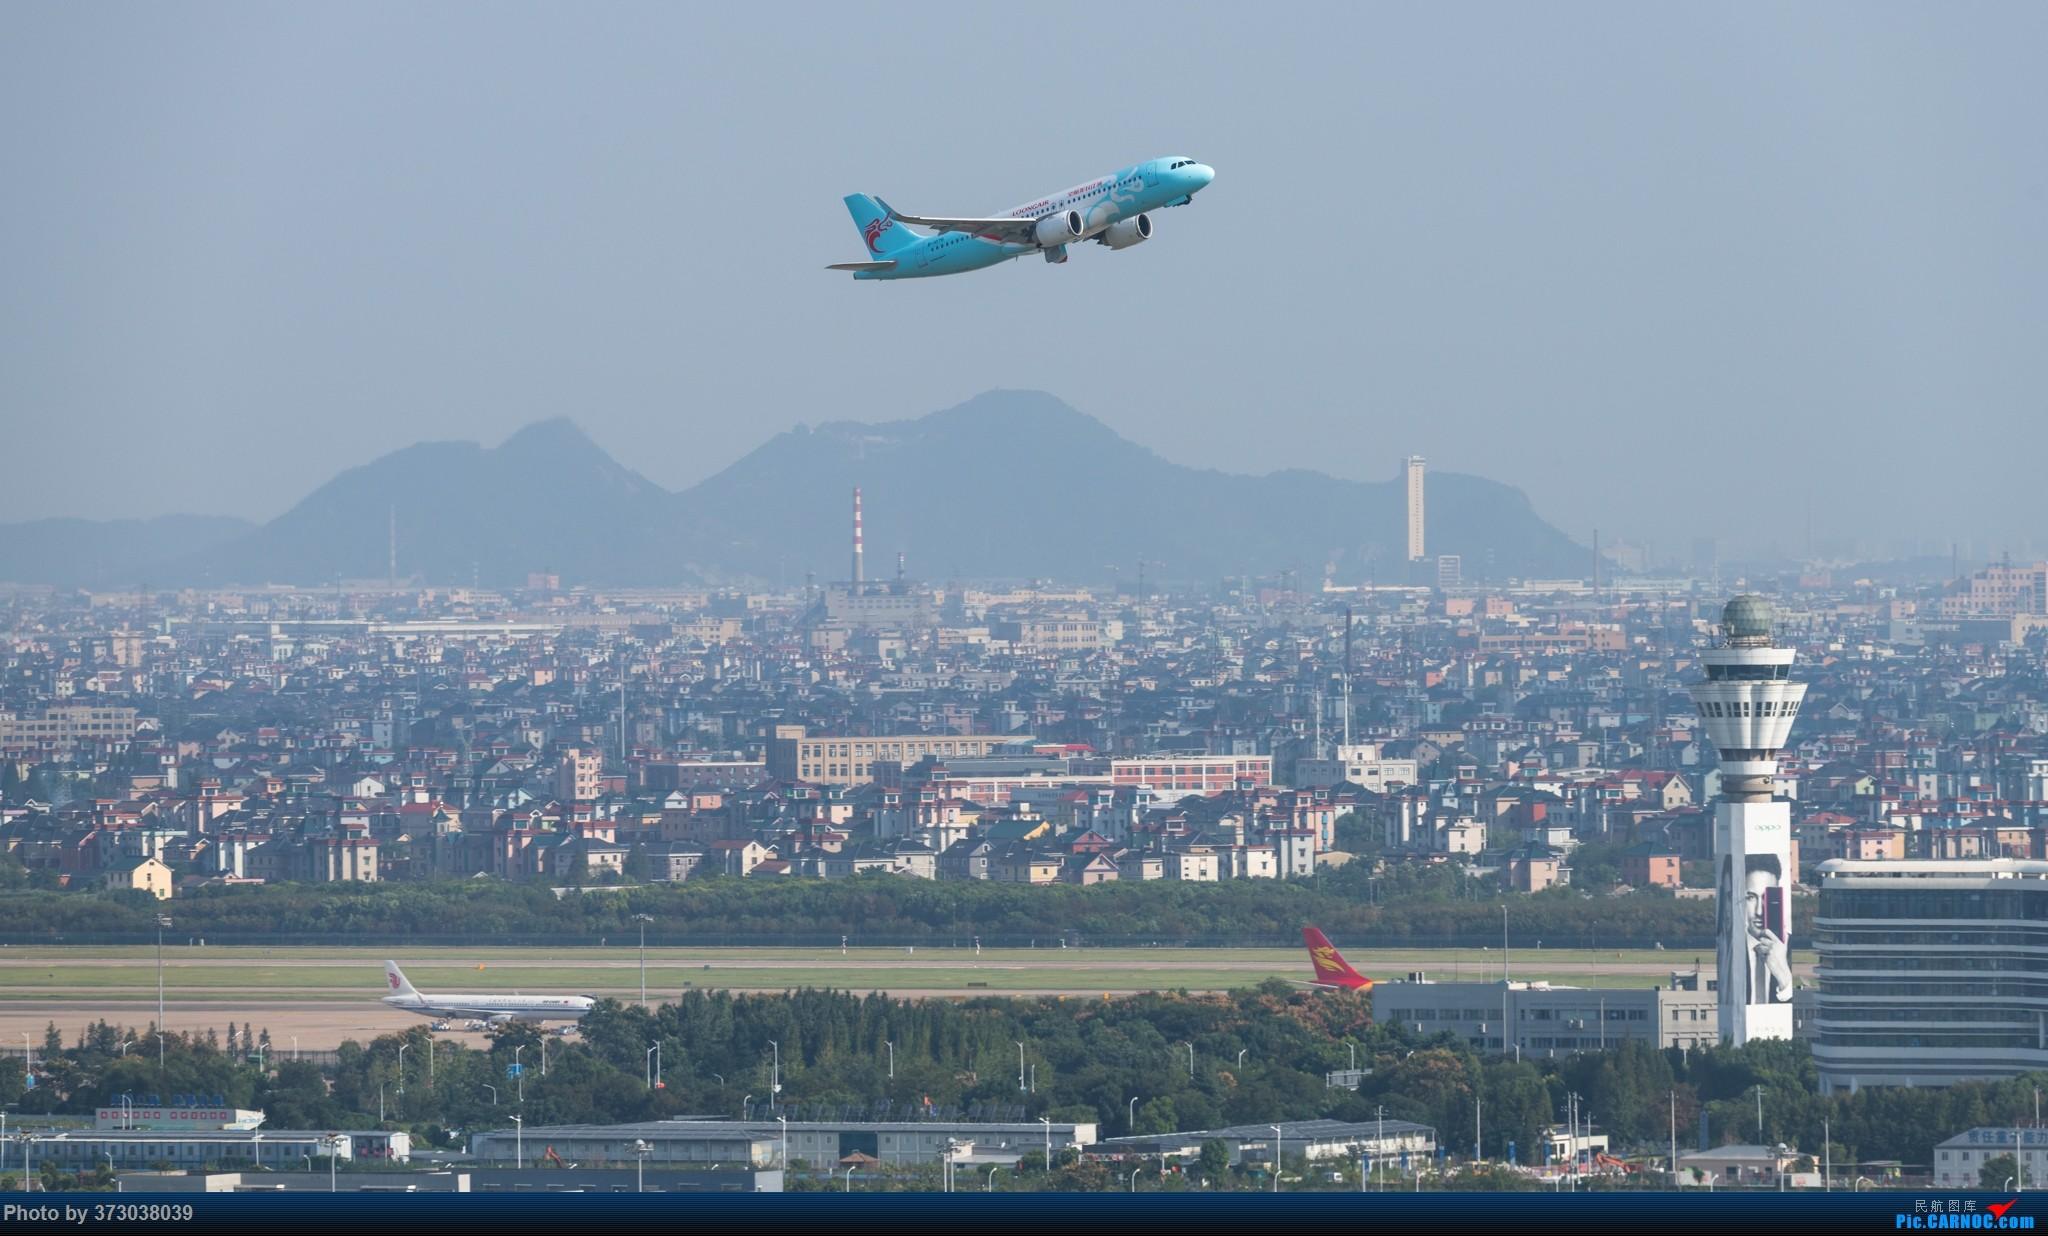 Re:[原创]山顶动人,杭州萧山国际机场 红山观光视角 AIRBUS A320NEO B-1075 中国杭州萧山国际机场